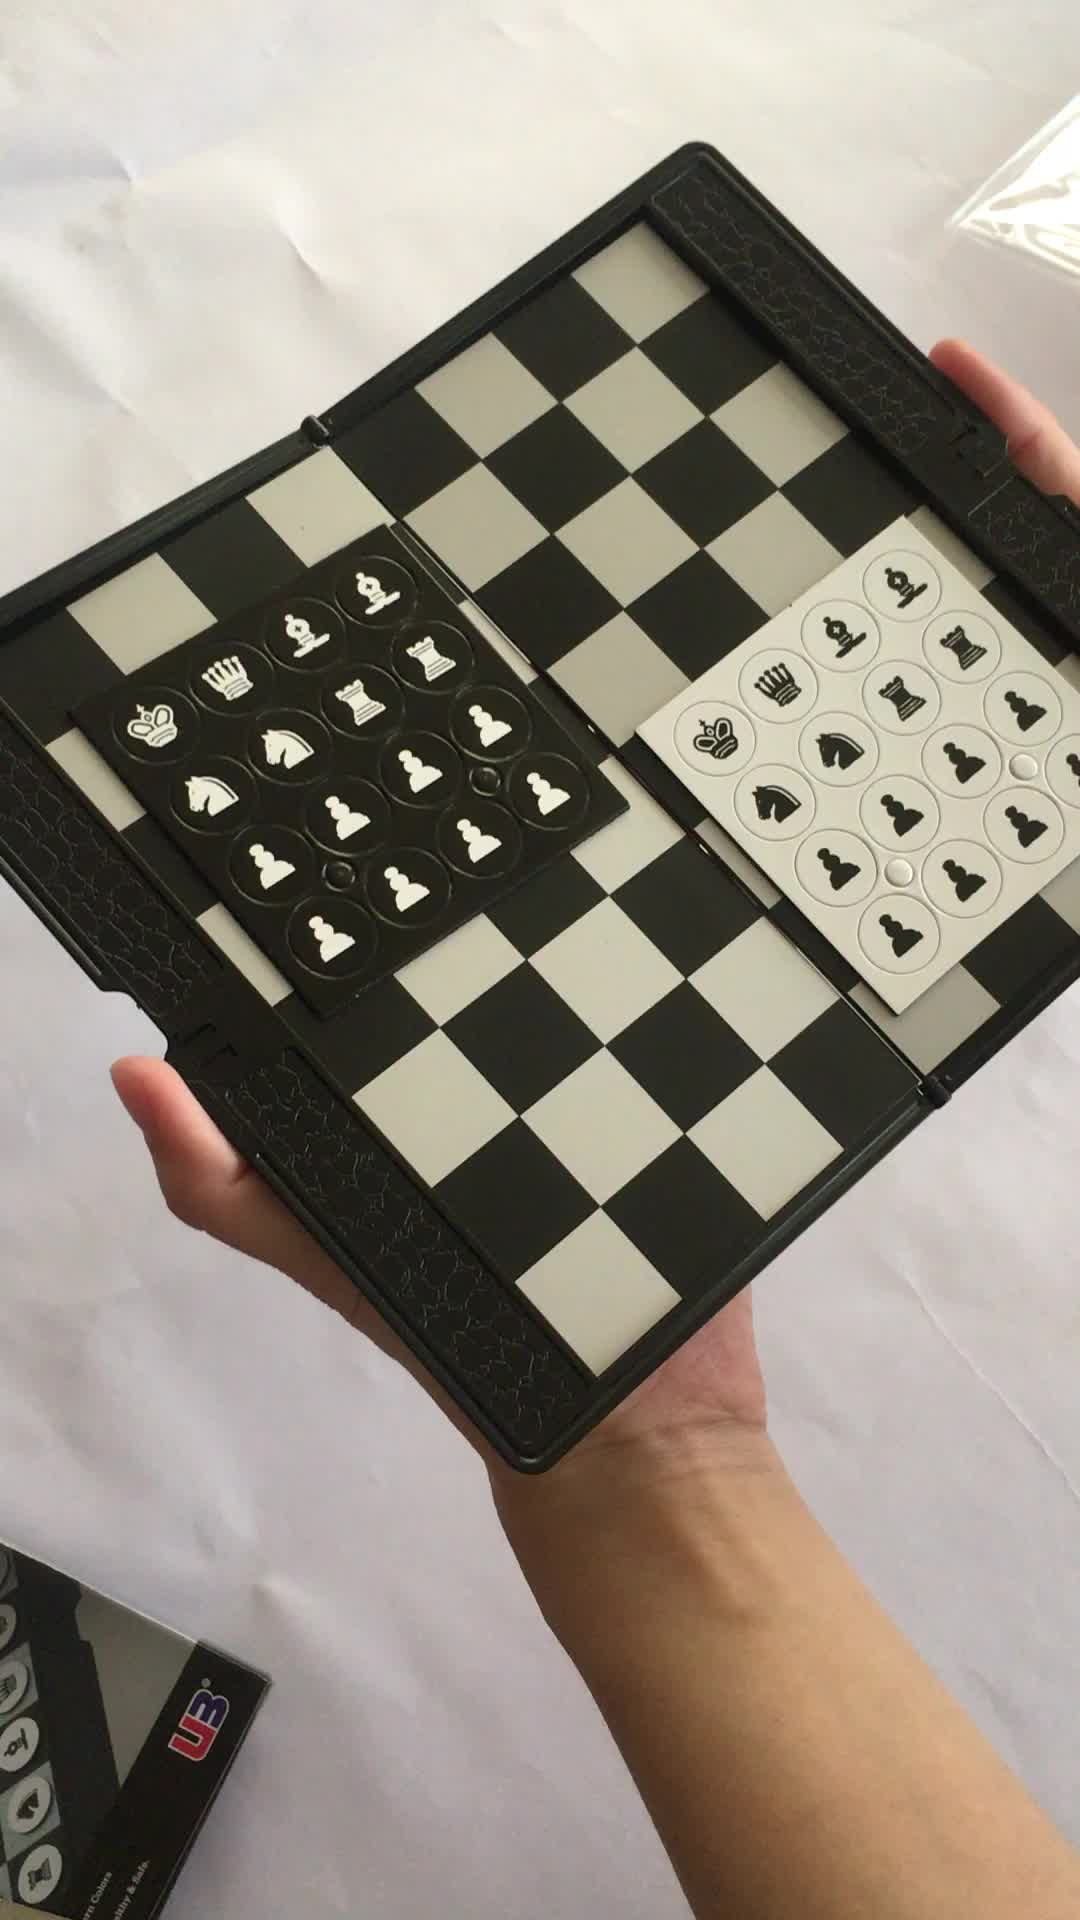 Wallet Traveler Plane & Magnetic Chess Set for Kids Education